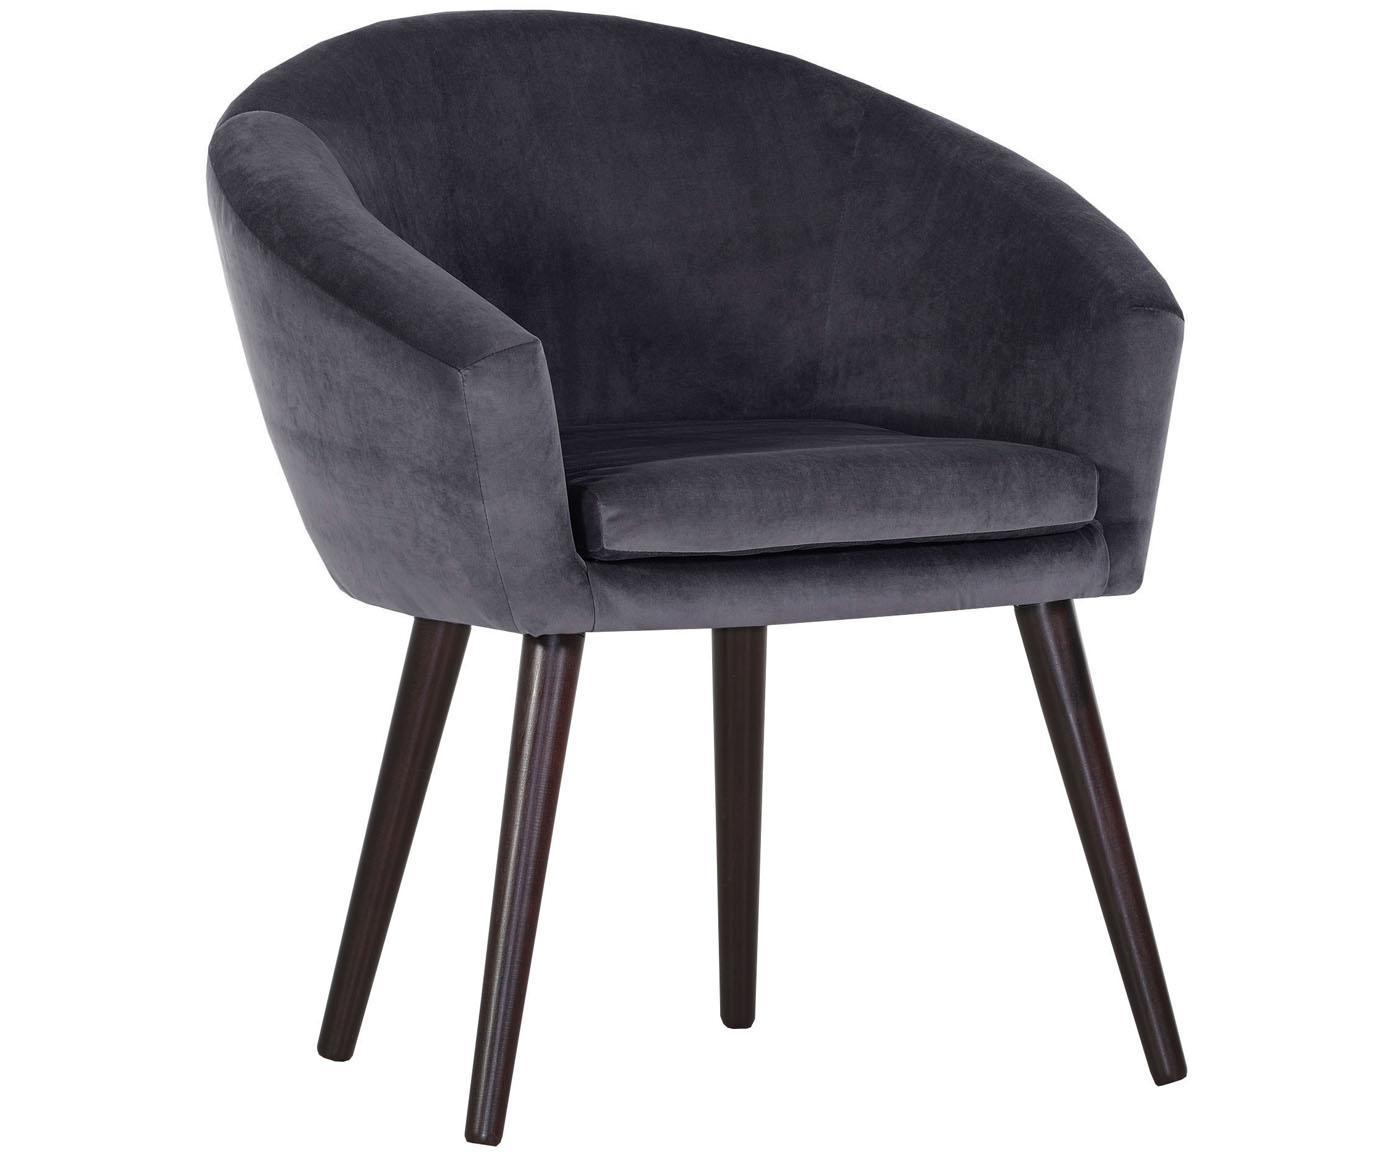 Krzesło z aksamitu z podłokietnikami Lino, Nogi: drewno lakierowane, Ciemnyszary, S 75 x G 66 cm